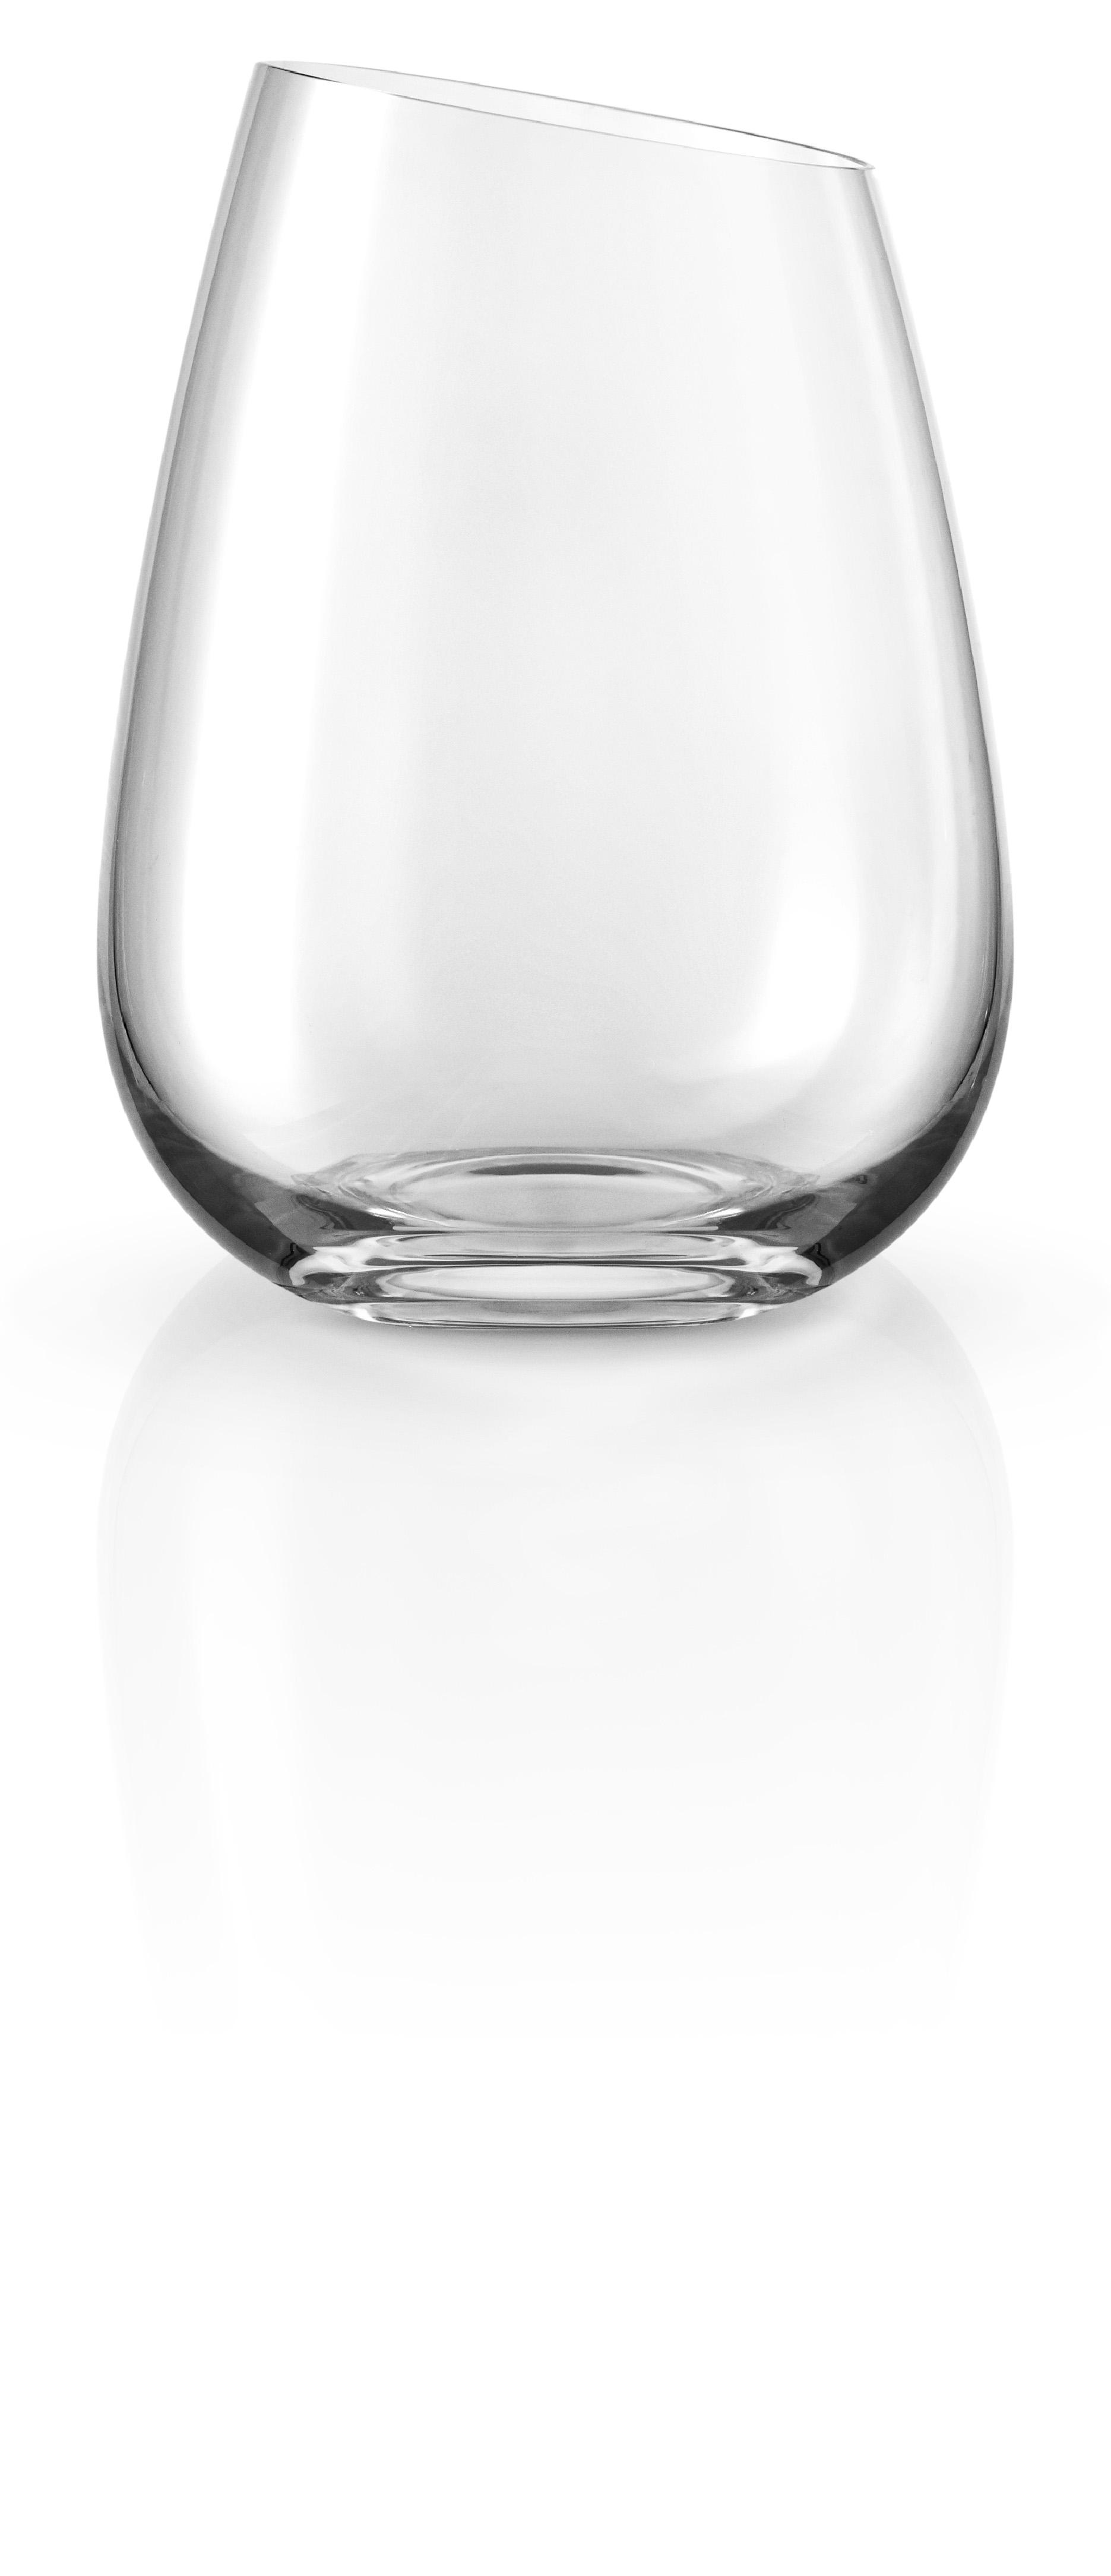 eva solo glas 48 cl. Black Bedroom Furniture Sets. Home Design Ideas